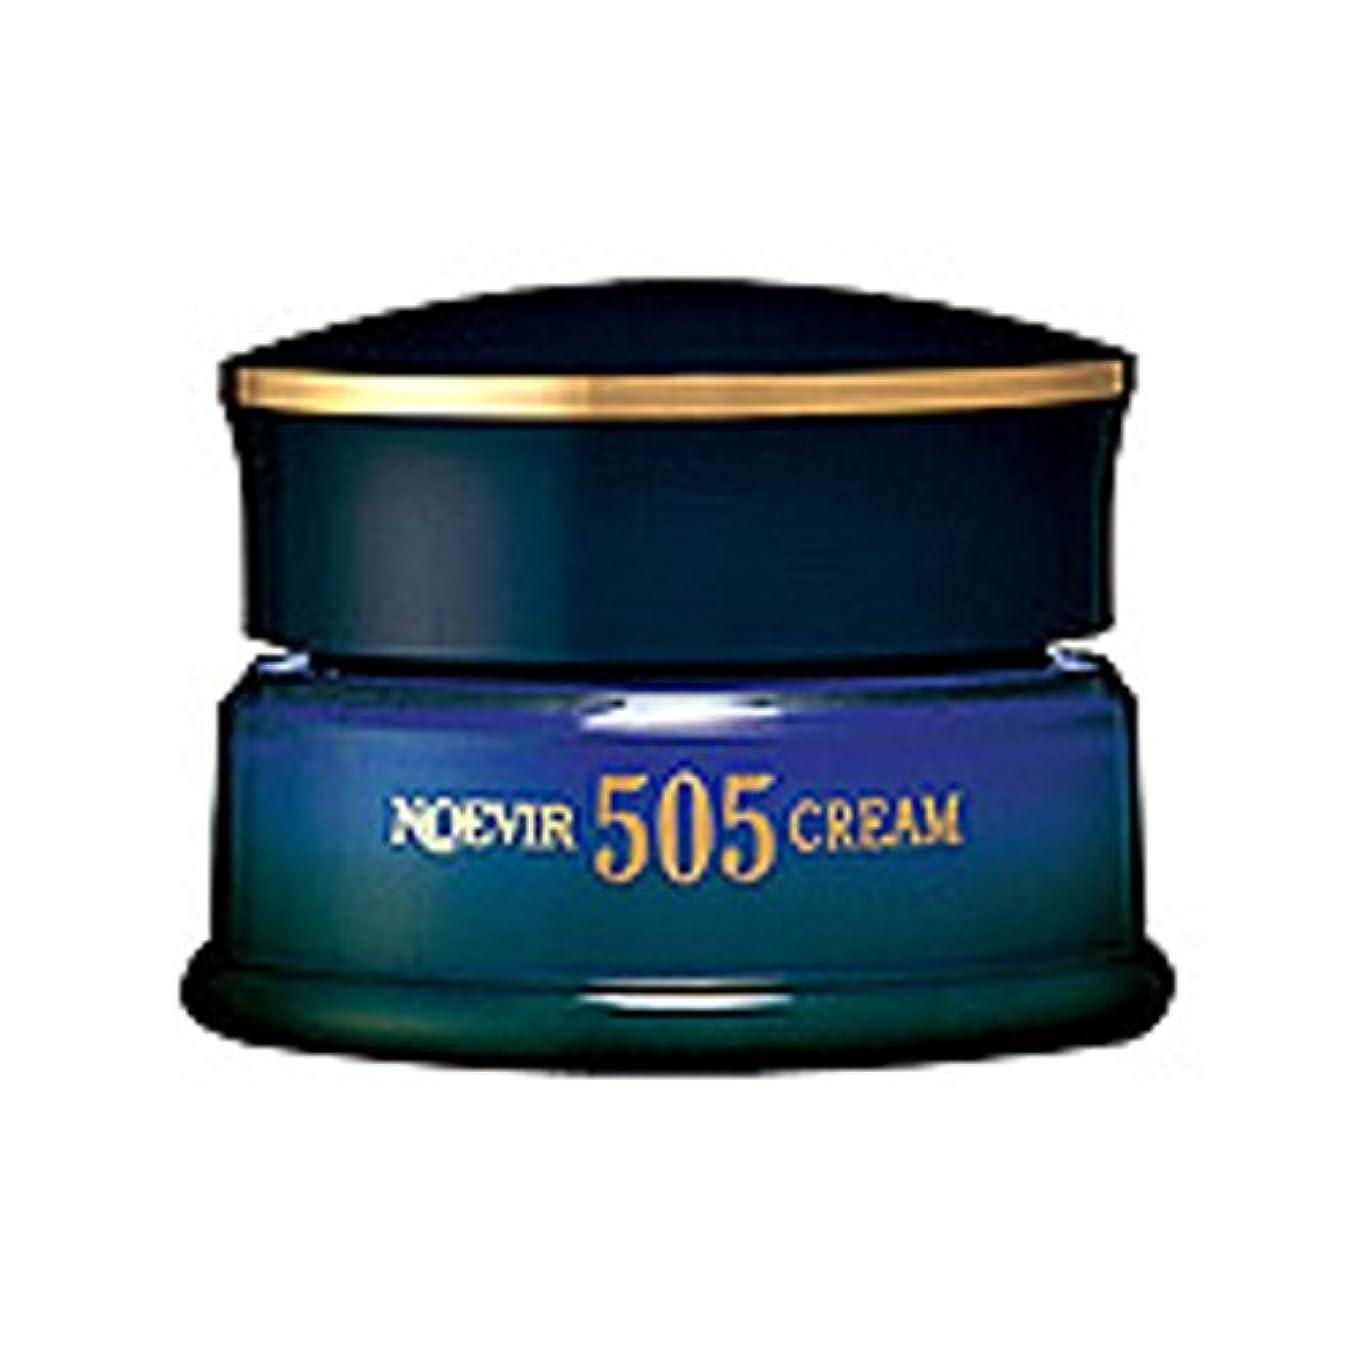 不透明なアプローチスツールノエビア 505 薬用クリーム 30g